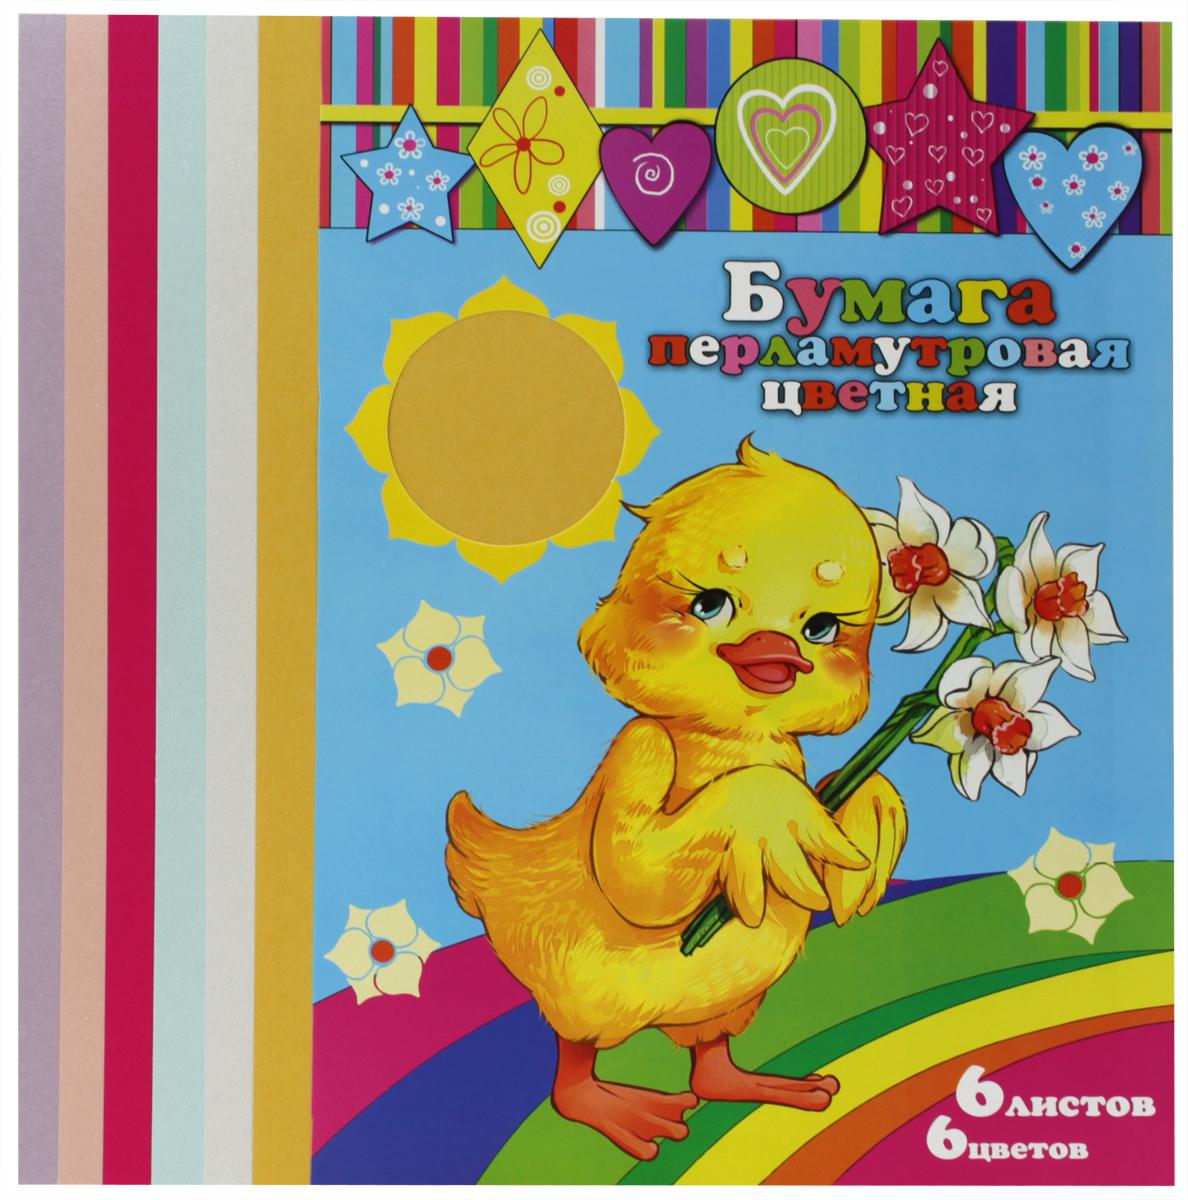 Феникс+ Перламутровая цветная бумага 6 листов набор для творчества феникс цветной картон 10цв цветная бумага 8цв лисички на склейке